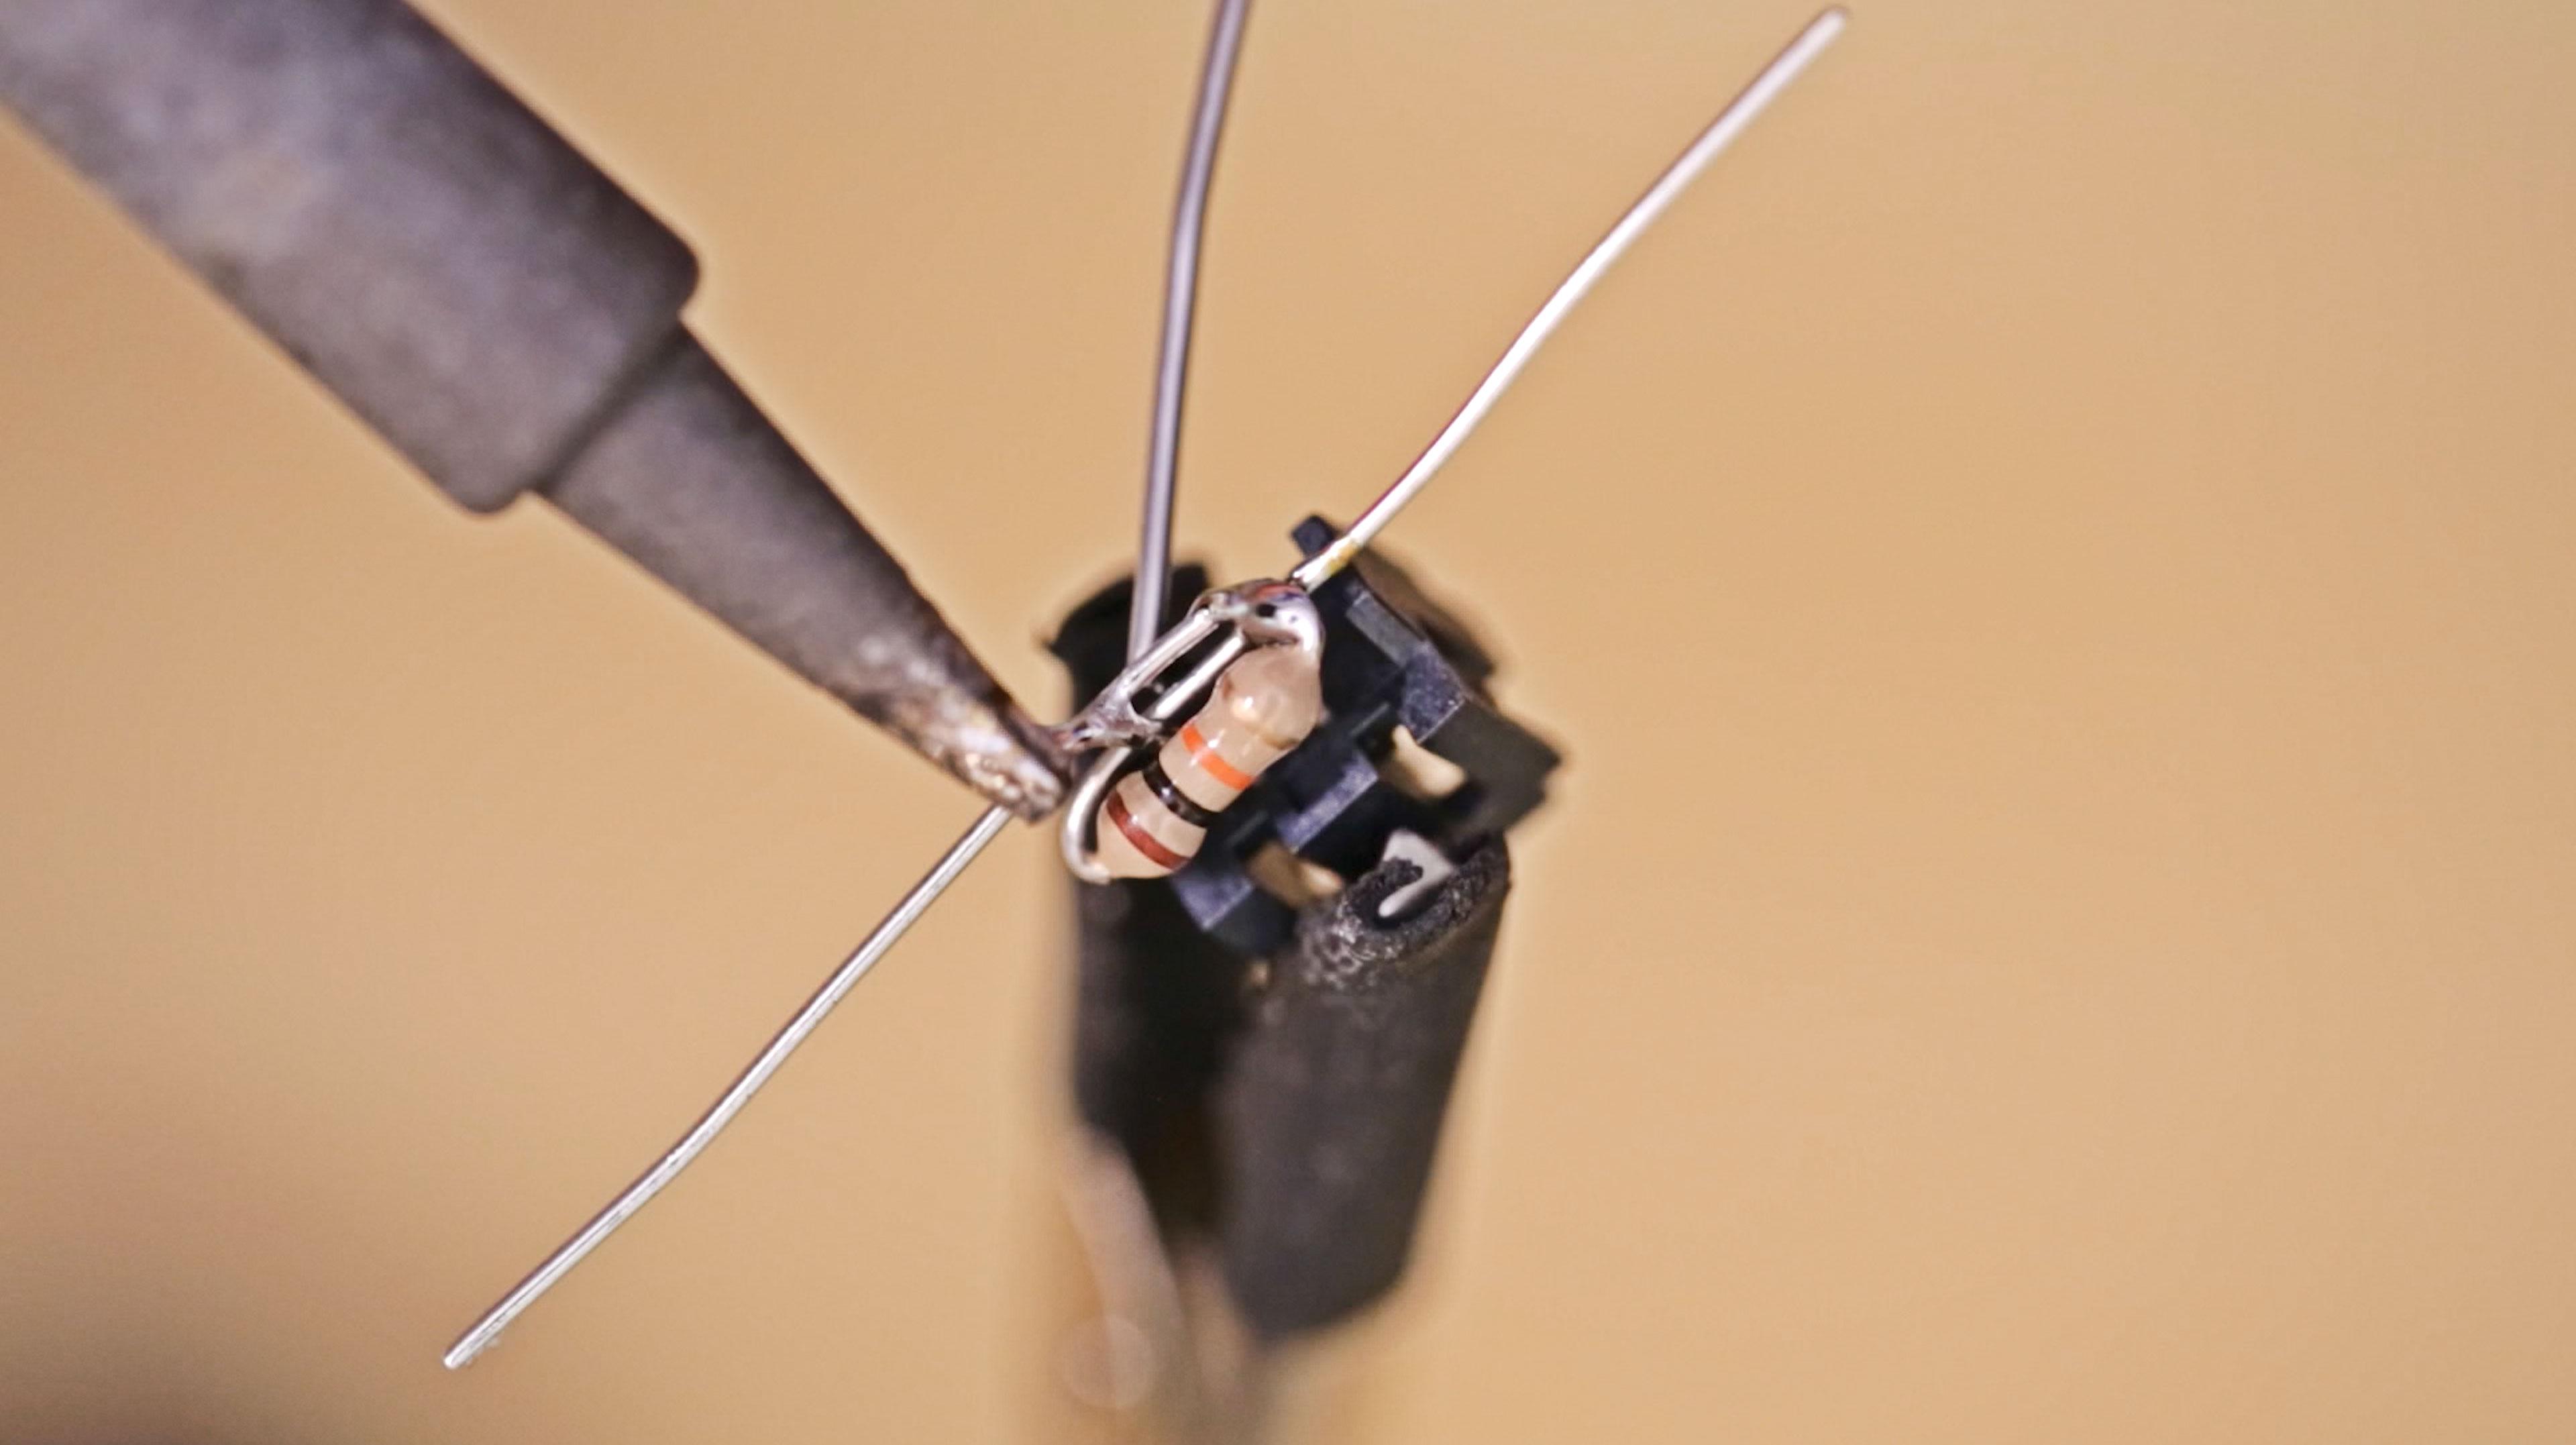 lcds___displays_resistor-solder.jpg